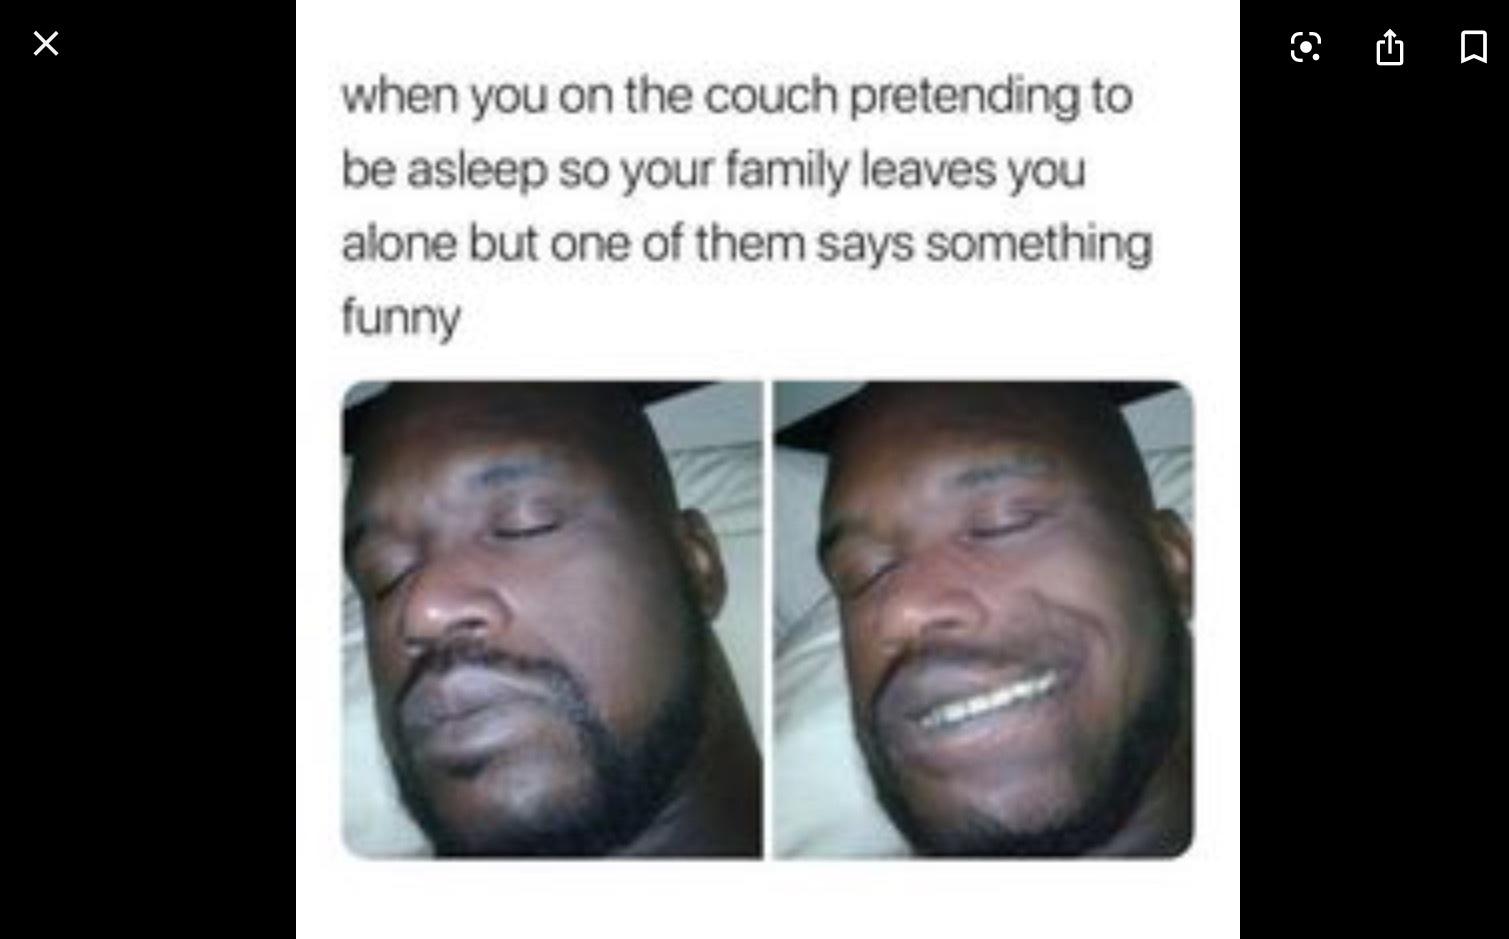 Aaaand another relatable meme